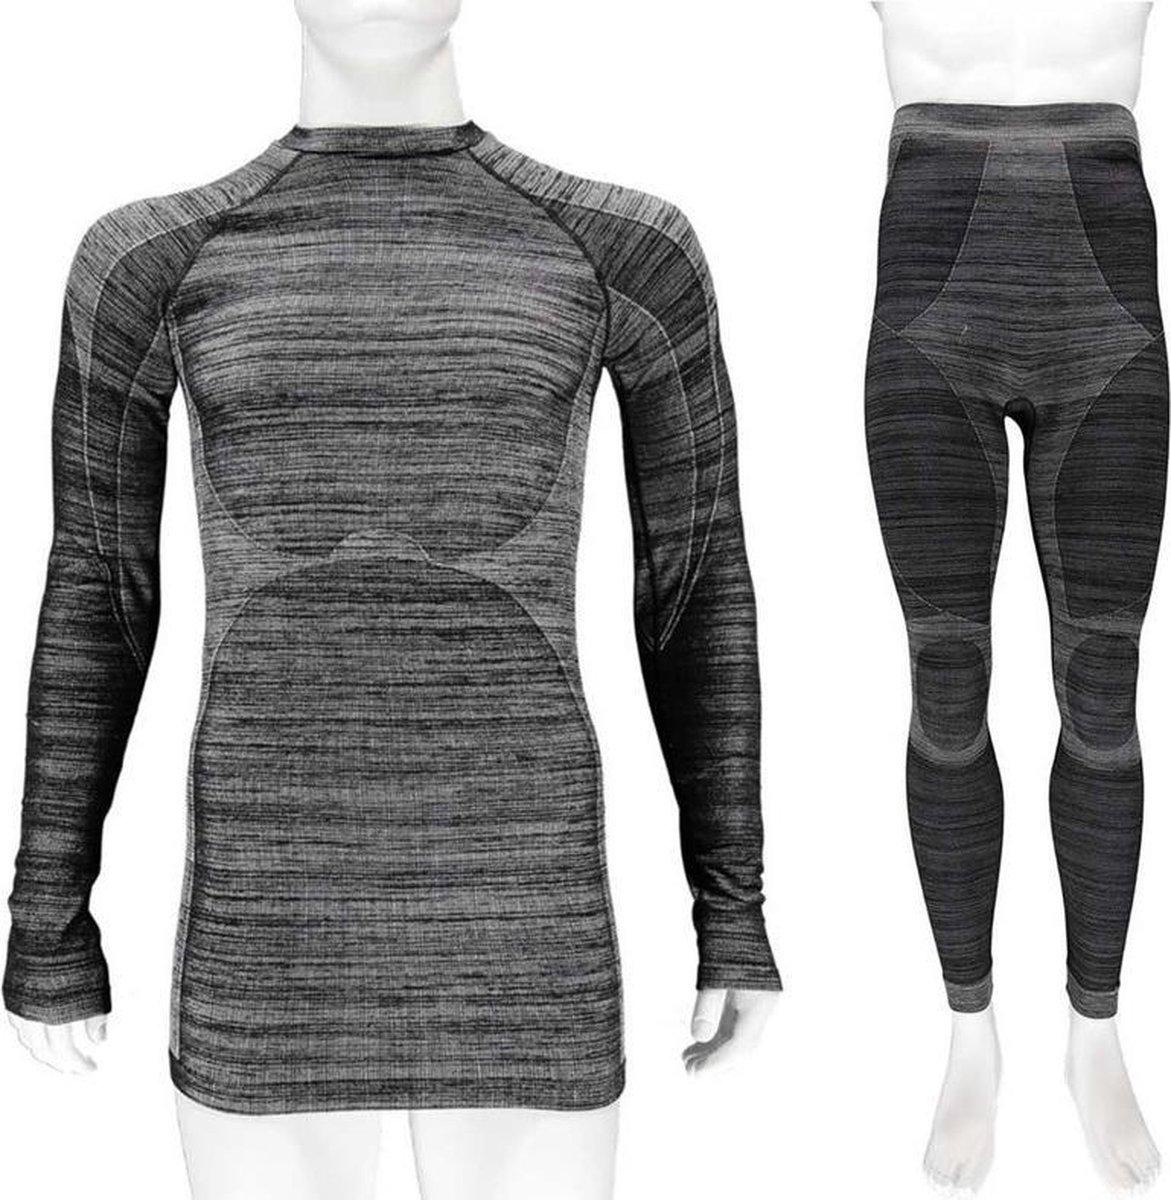 Thermo onderkleding set voor heren zwart melange - maat XL - shirt lange mouw en broek - Wintersport kleding - Thermokleding